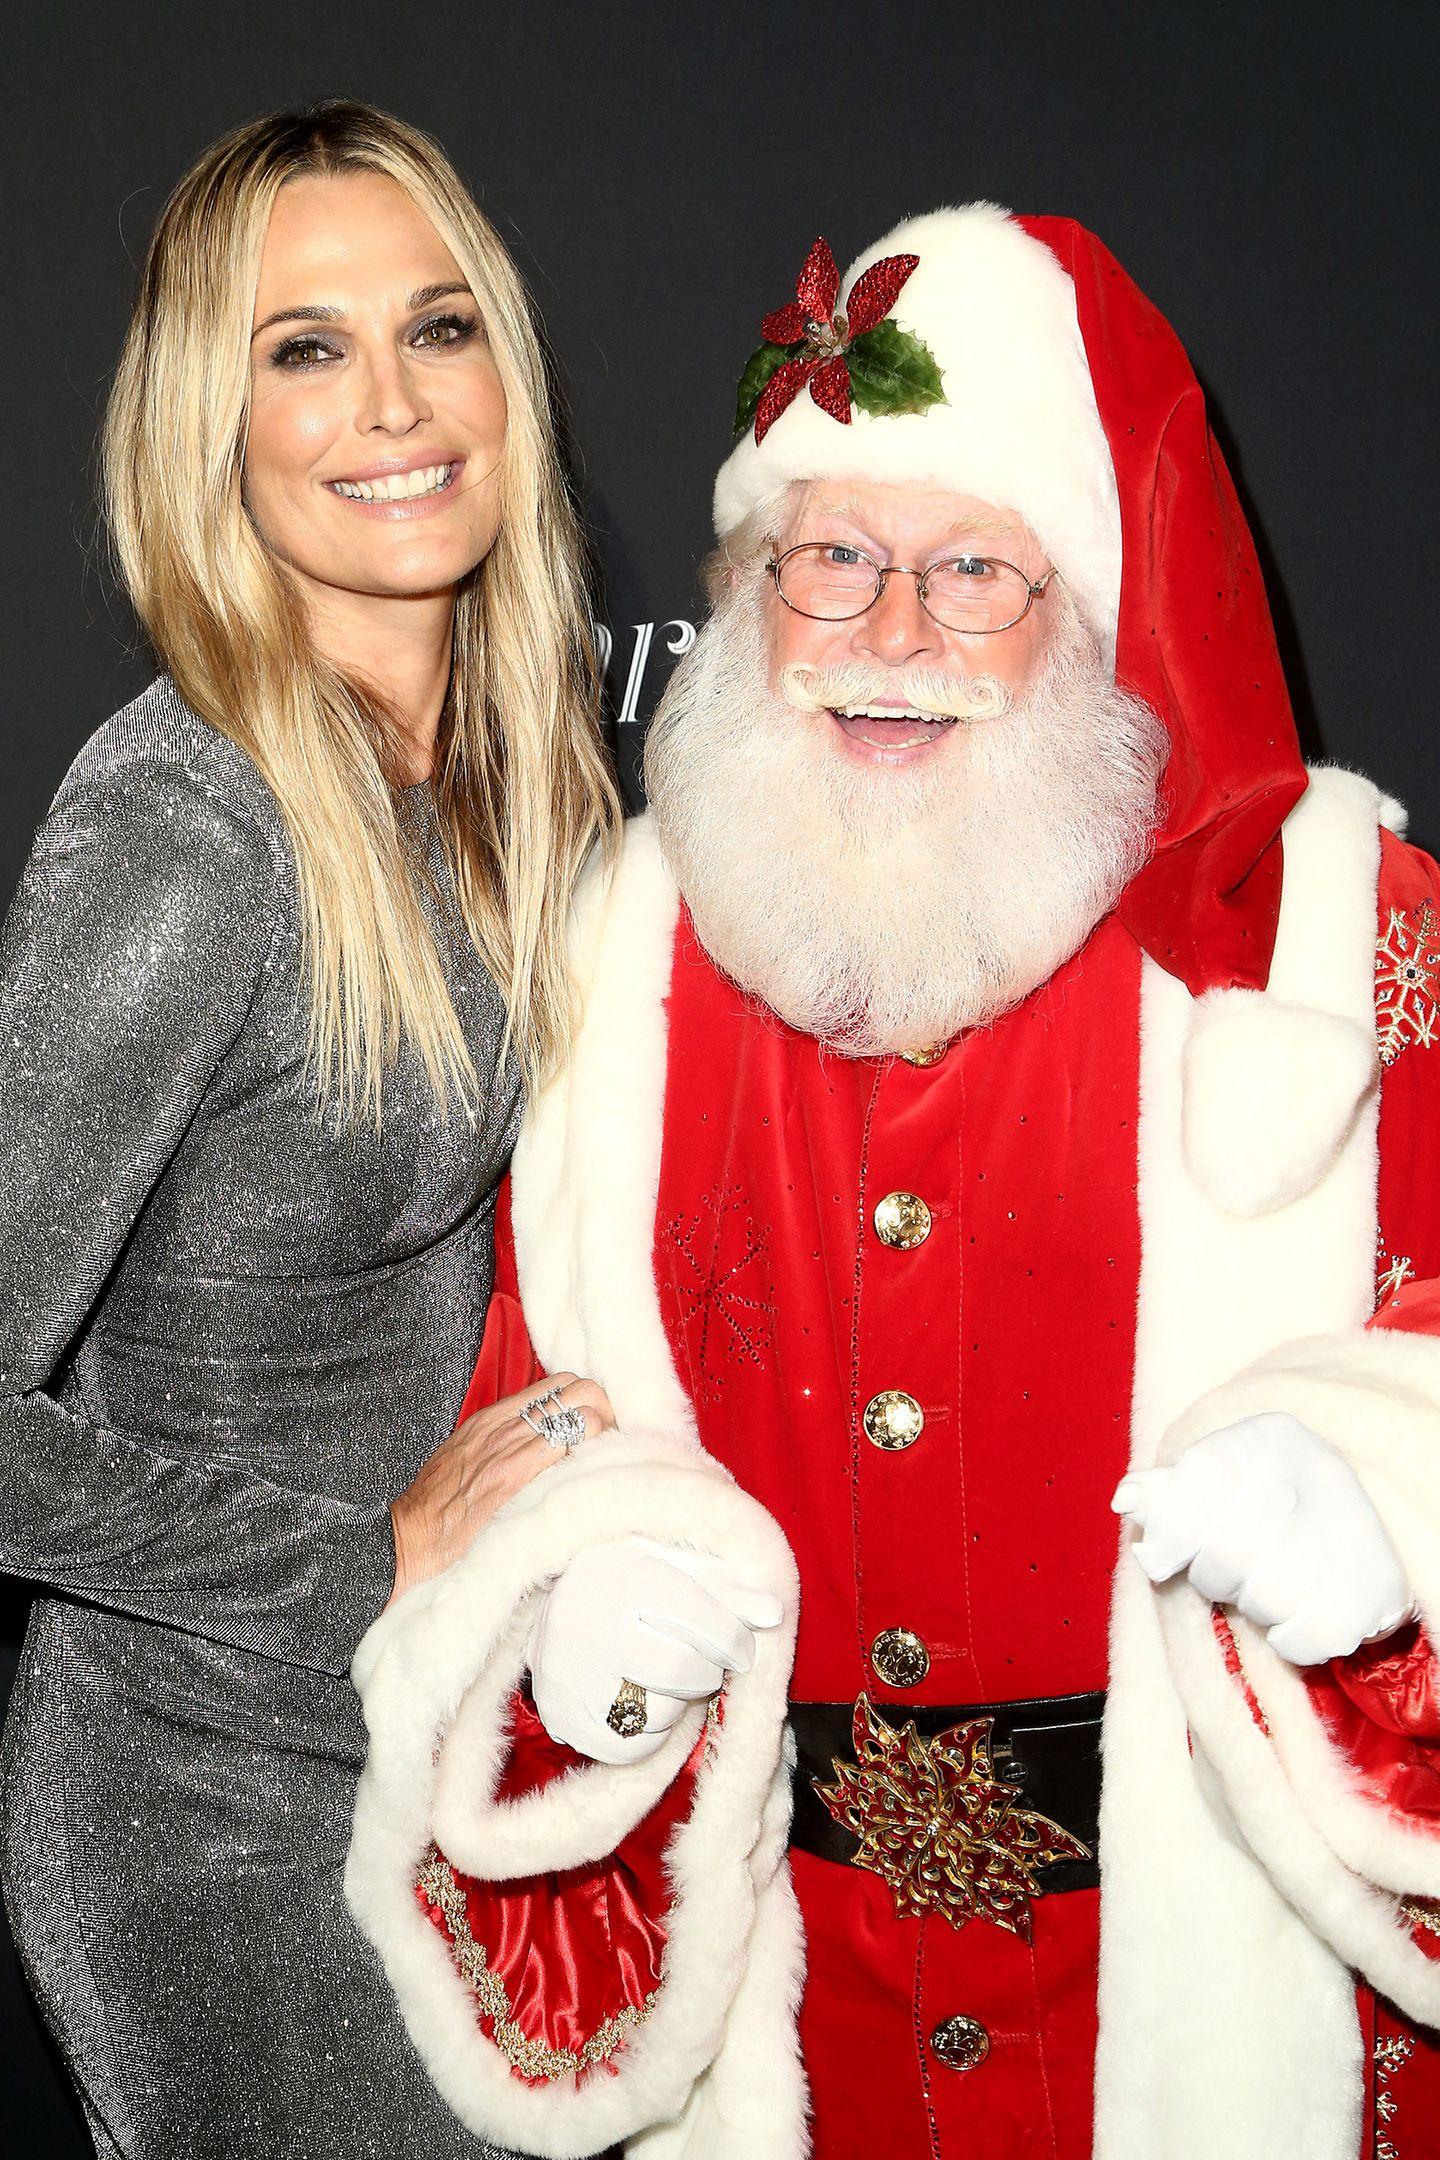 Molly Sims trifft bei einer Veranstaltung in Los Angeles auf den Weihnachtsmann.